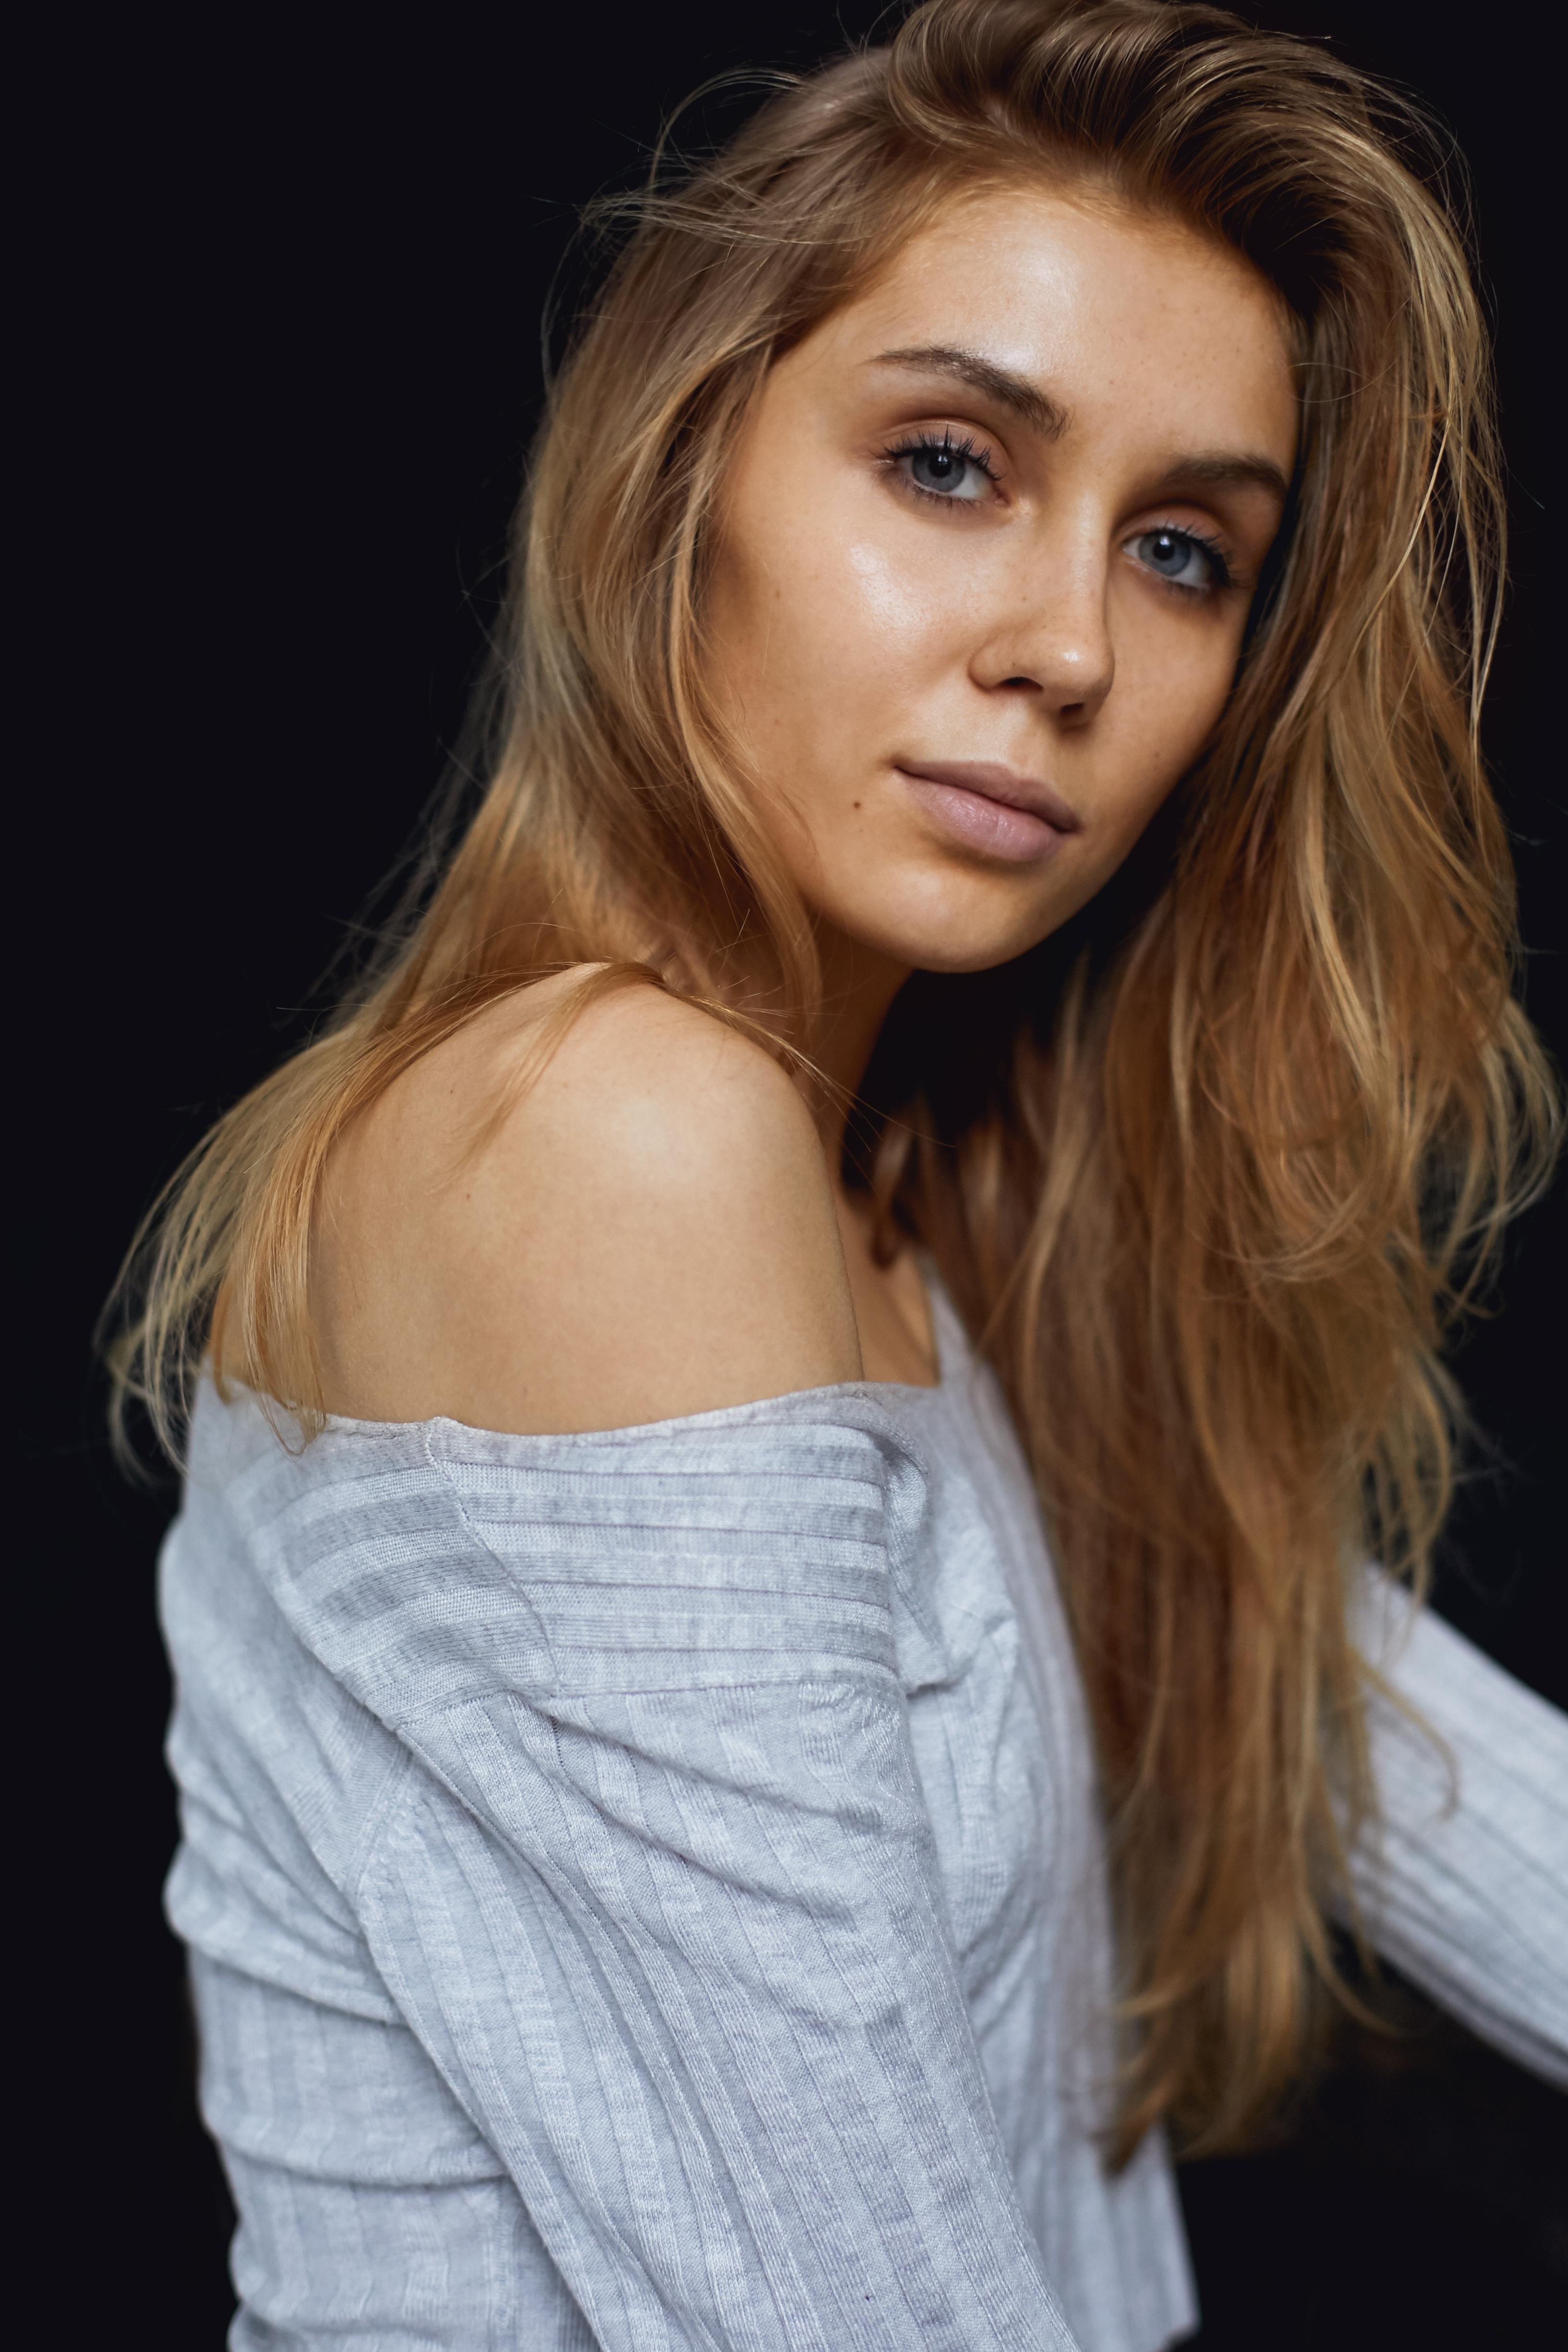 ALINA (22)